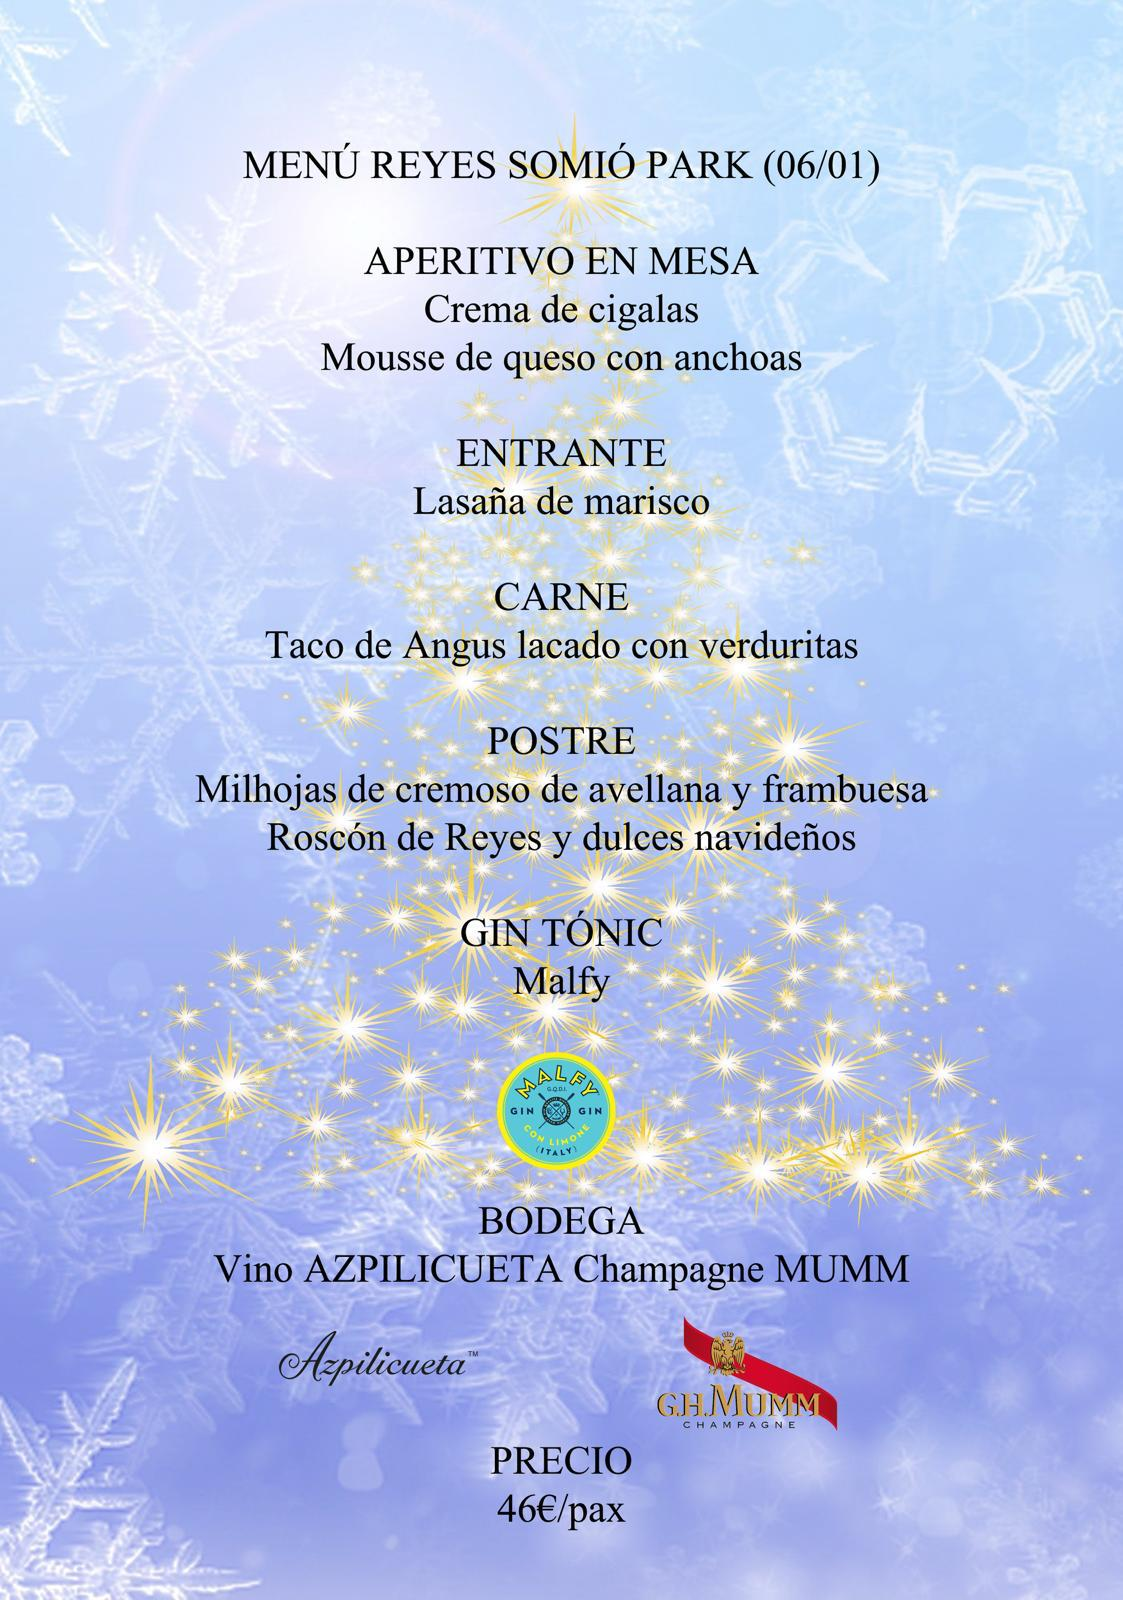 Celebra el día de Reyes en Somió Park